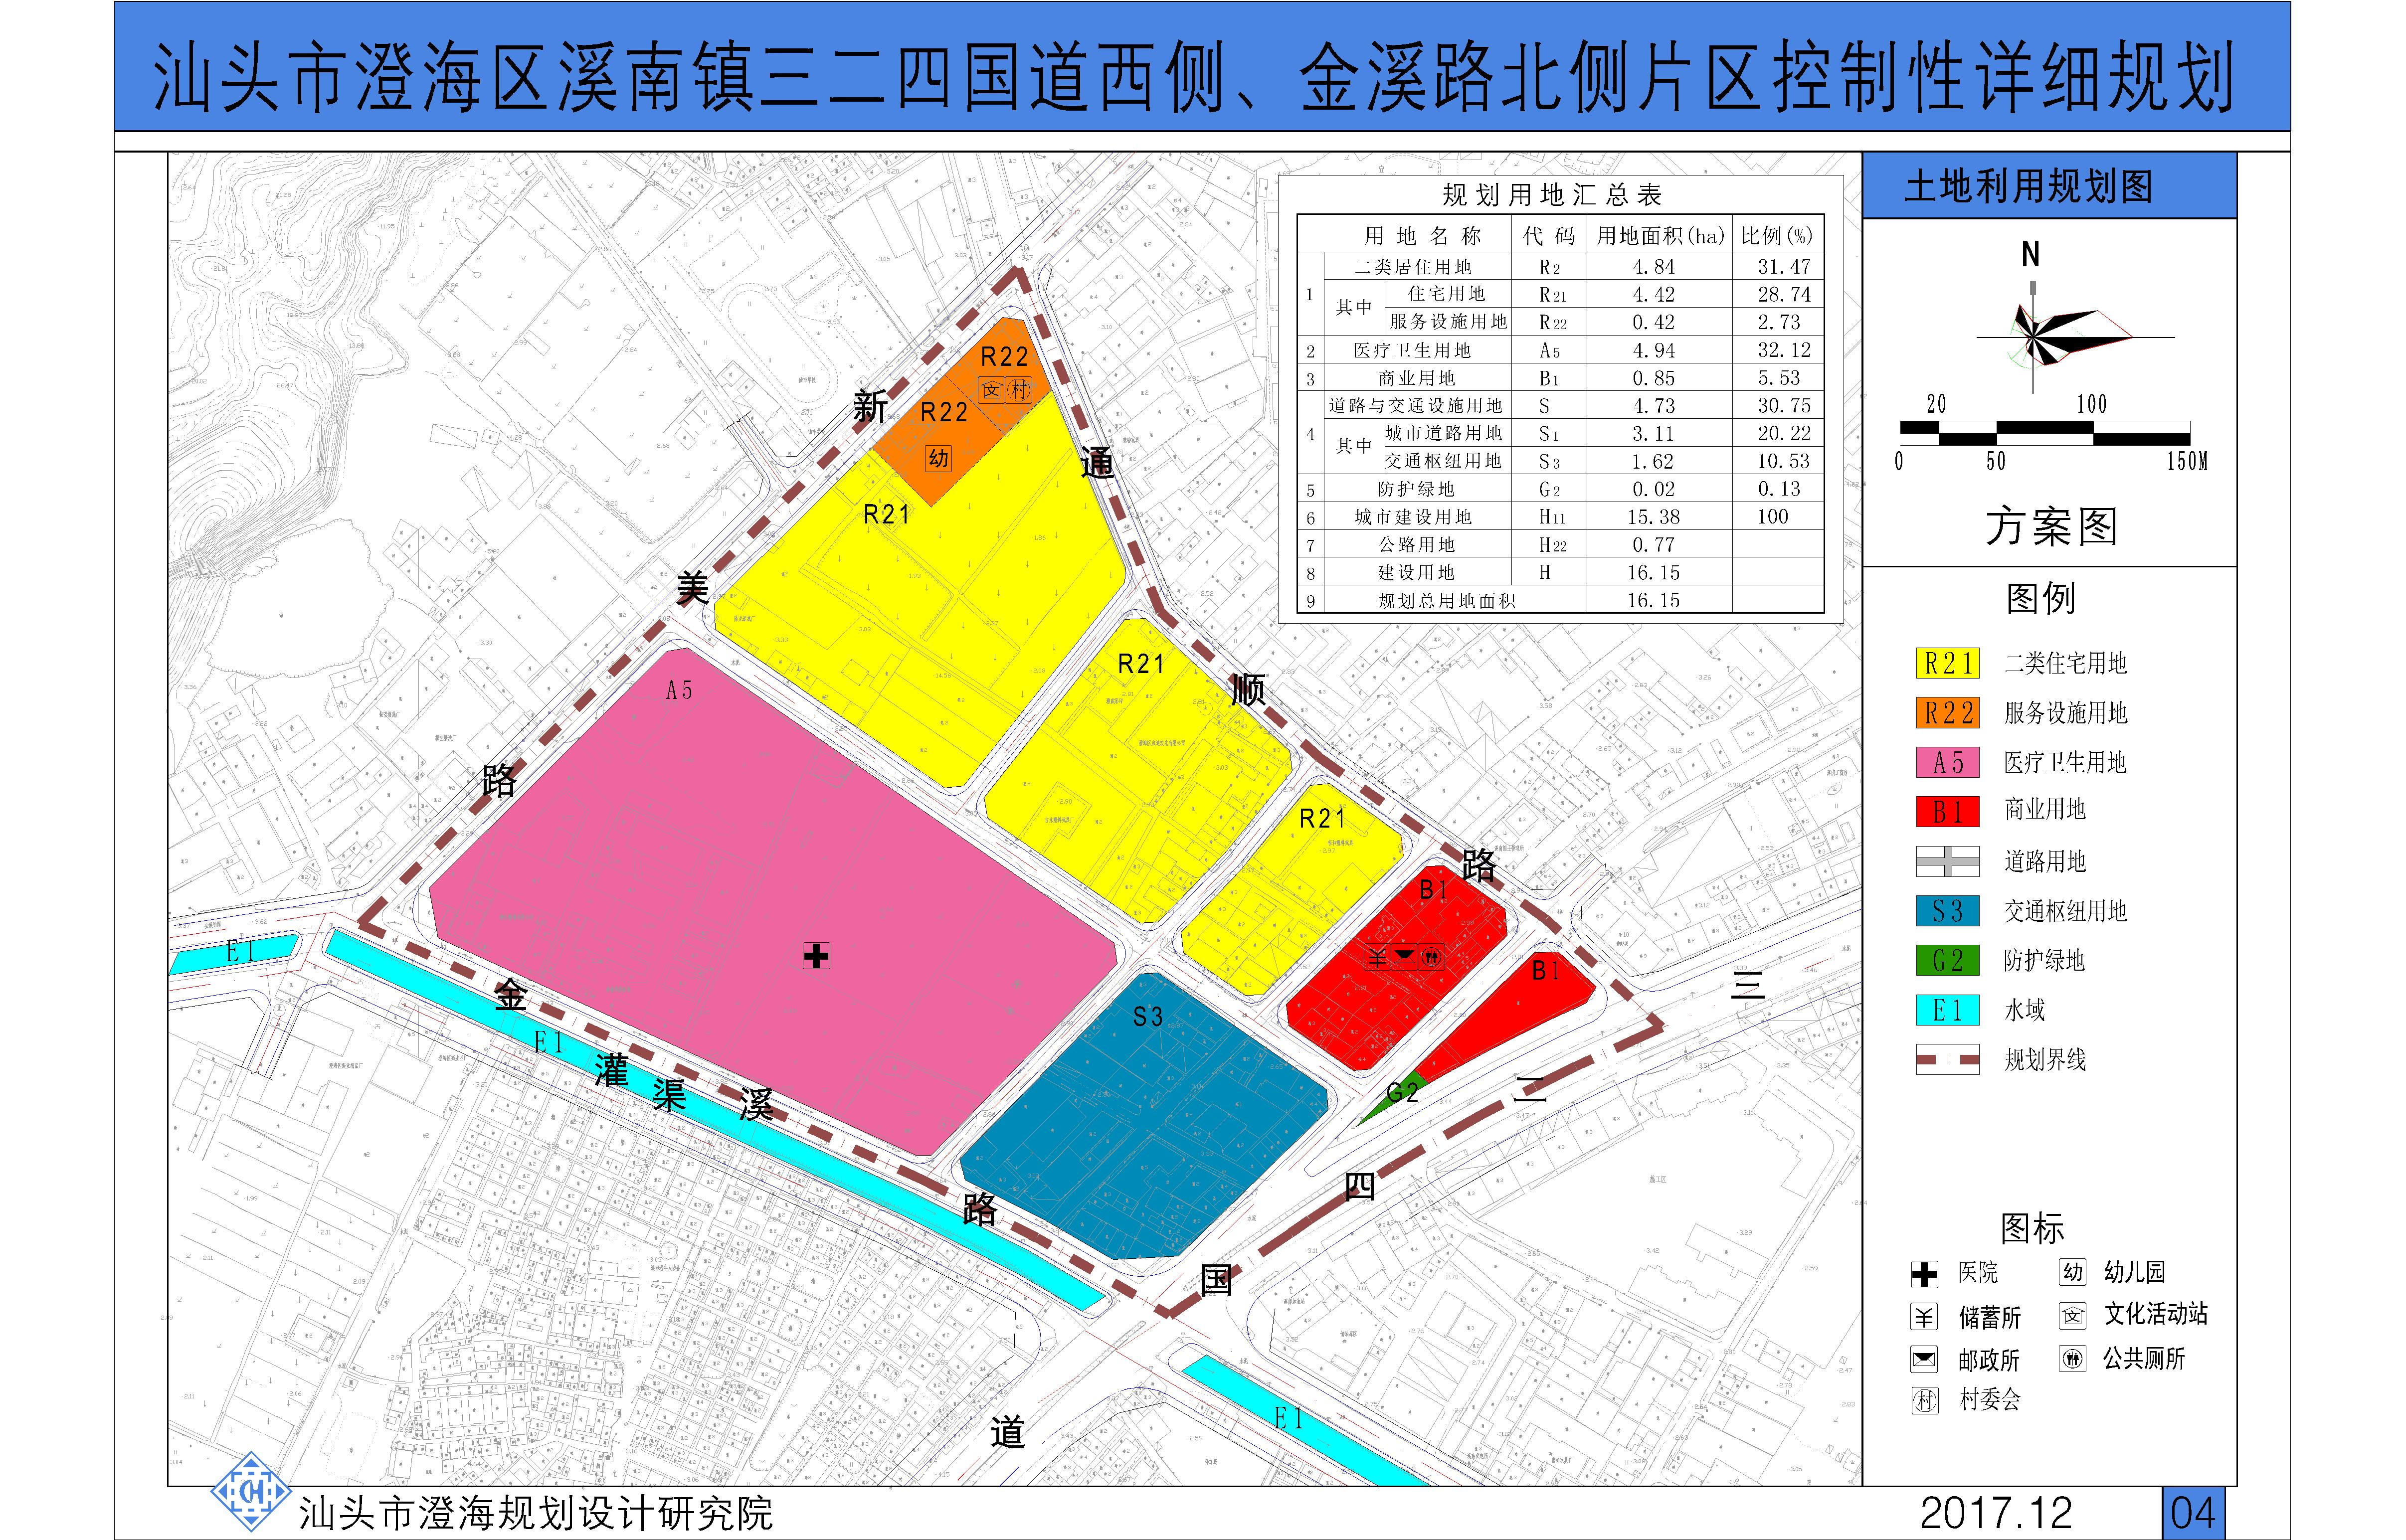 溪南镇三二四国道西侧控制性详细规划公示